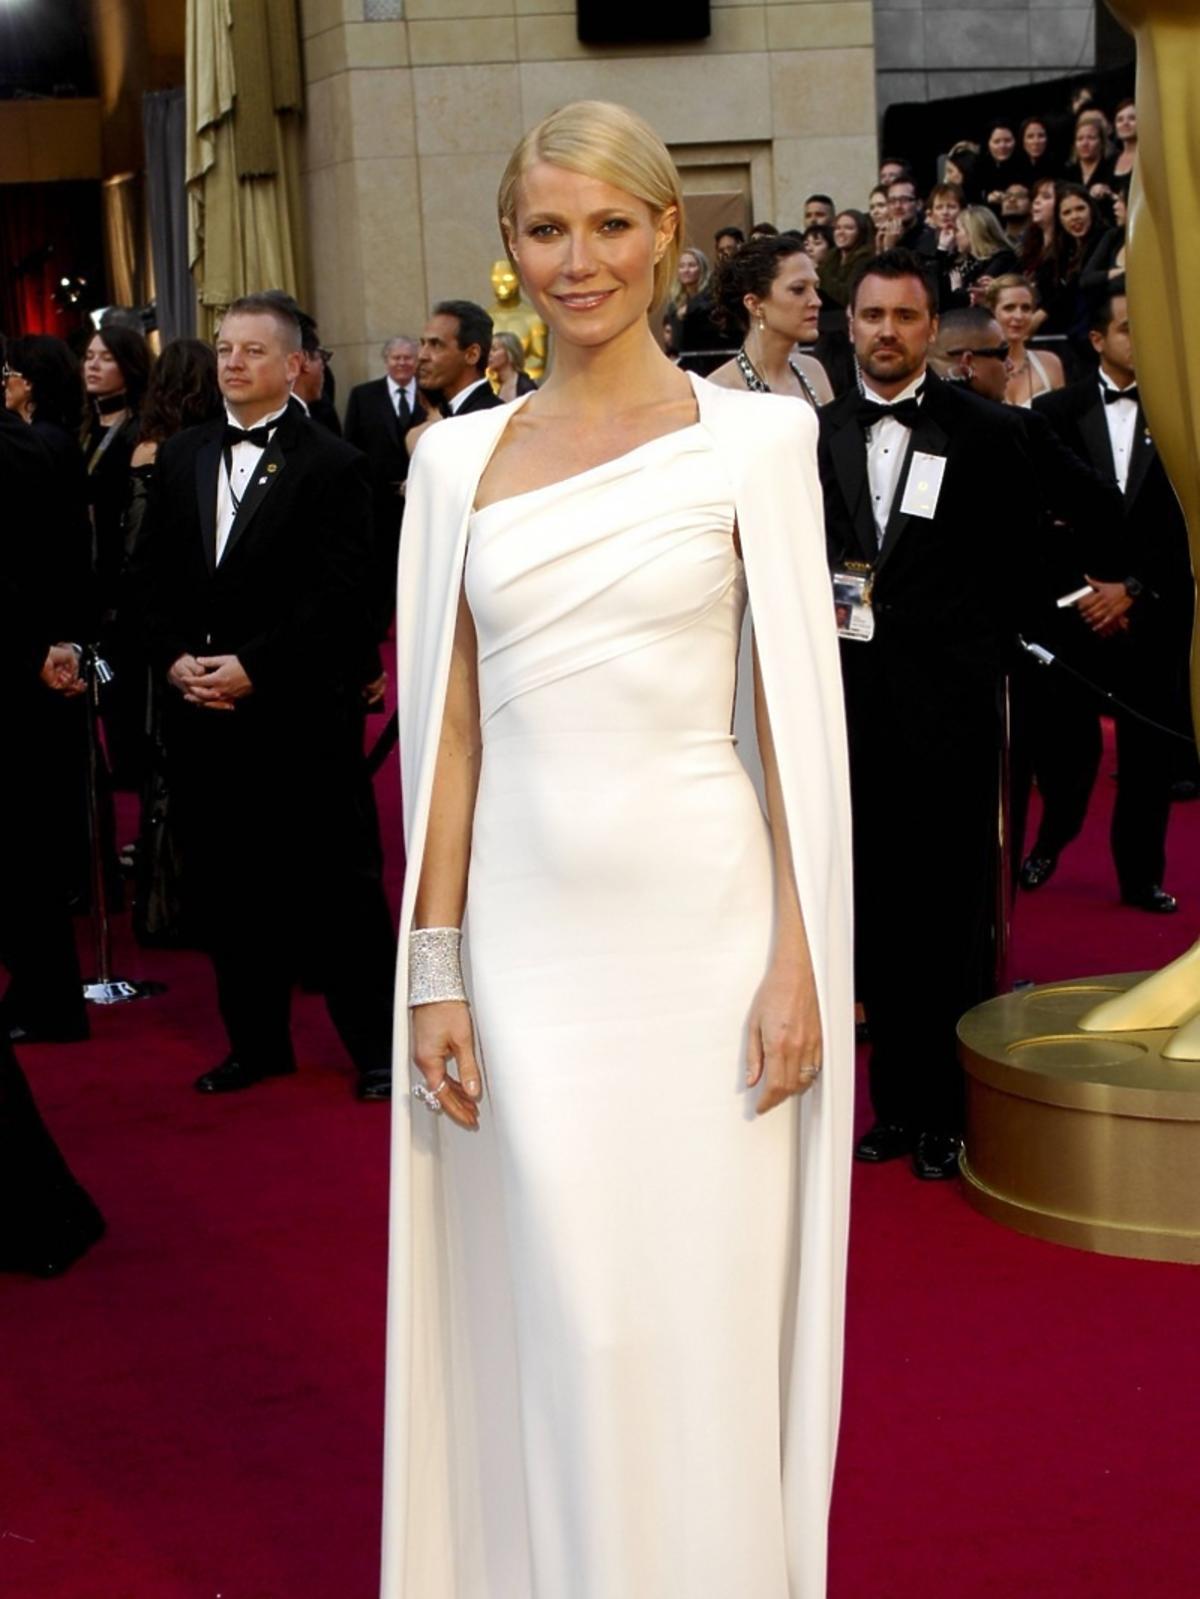 Gwyneth Paltrow w białej sukni i pelerynie do ziemi